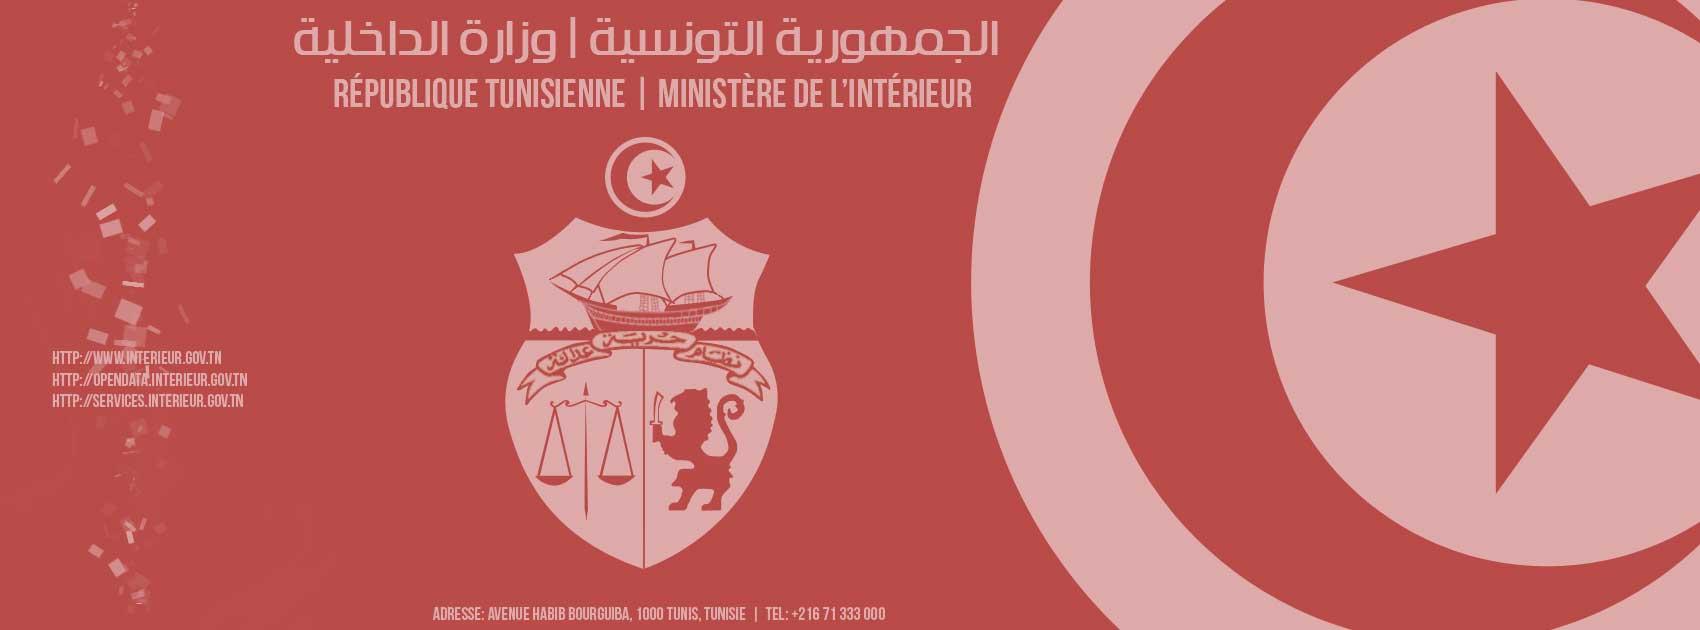 Tunisie: Jihed du nikeh: précisions du MI - Actualites en Tunisie et ...